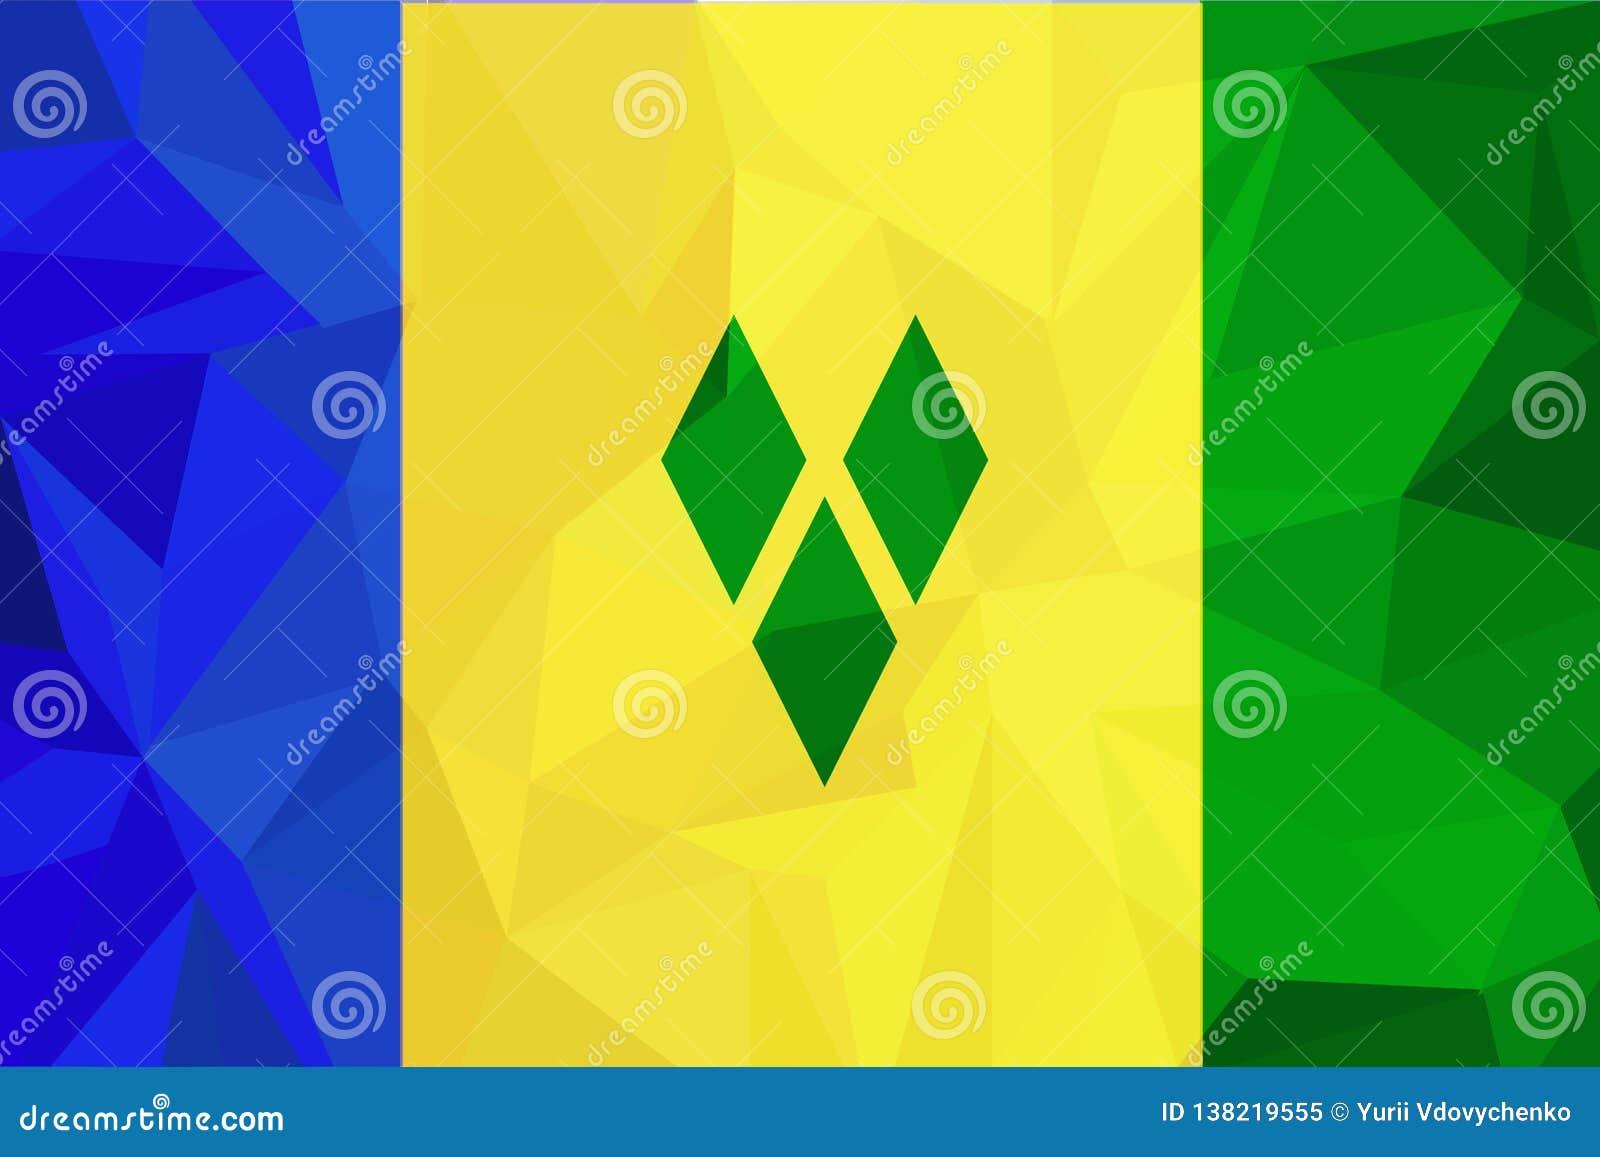 σημαία Γρεναδίνες Άγιος vinc διάνυσμα Ακριβείς διαστάσεις, αναλογίες στοιχείων και χρώματα